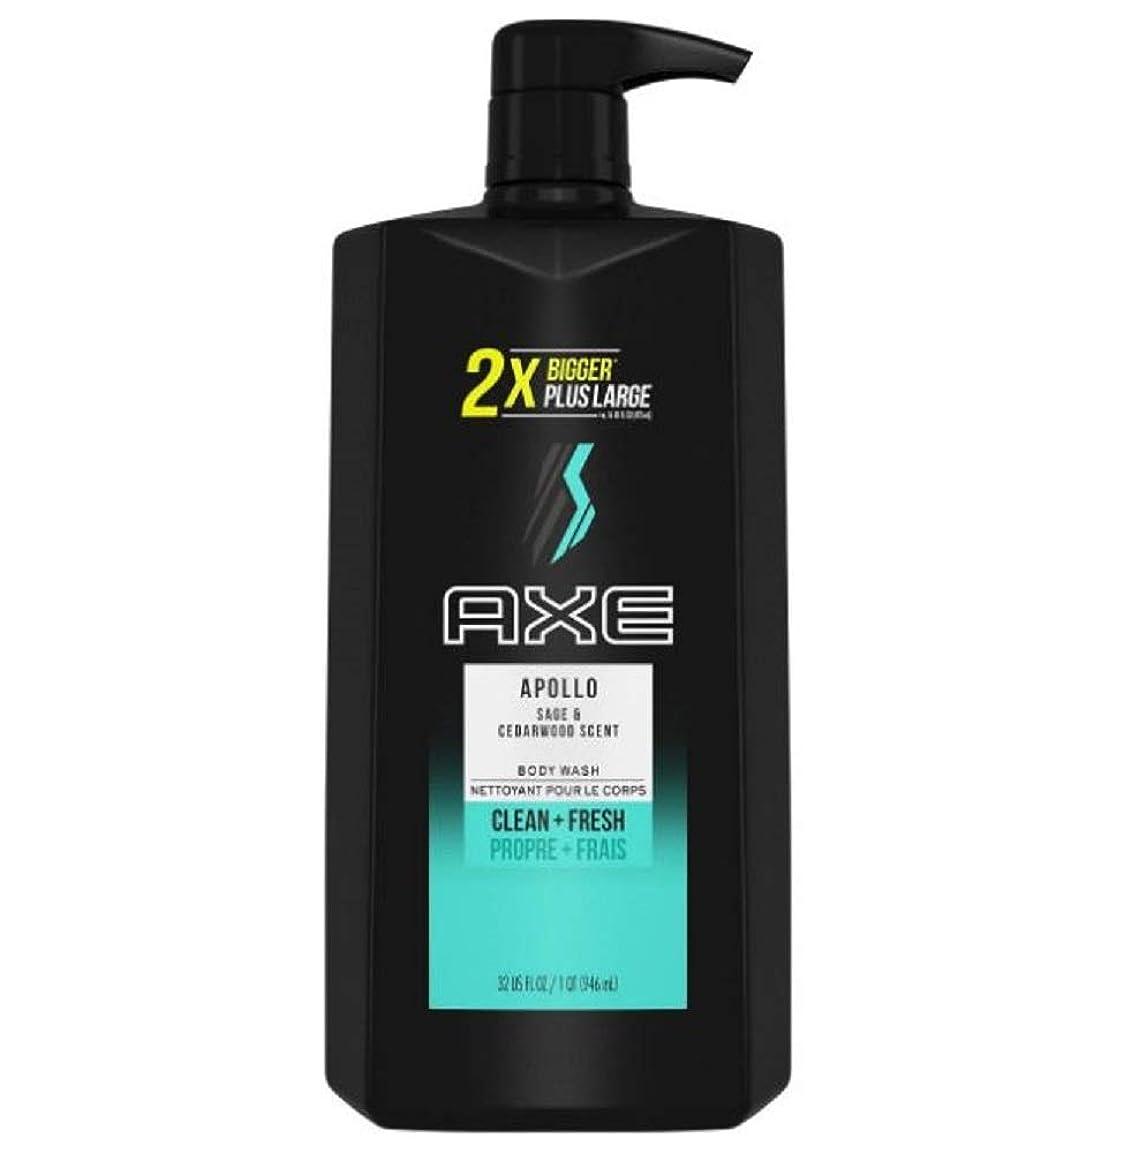 愛人廃止ネックレスAXE Apollo Body Wash with Pump - 32 oz アックス アポロ ボディウォッシュ ポンプタイプ 946 ml [並行輸入品]